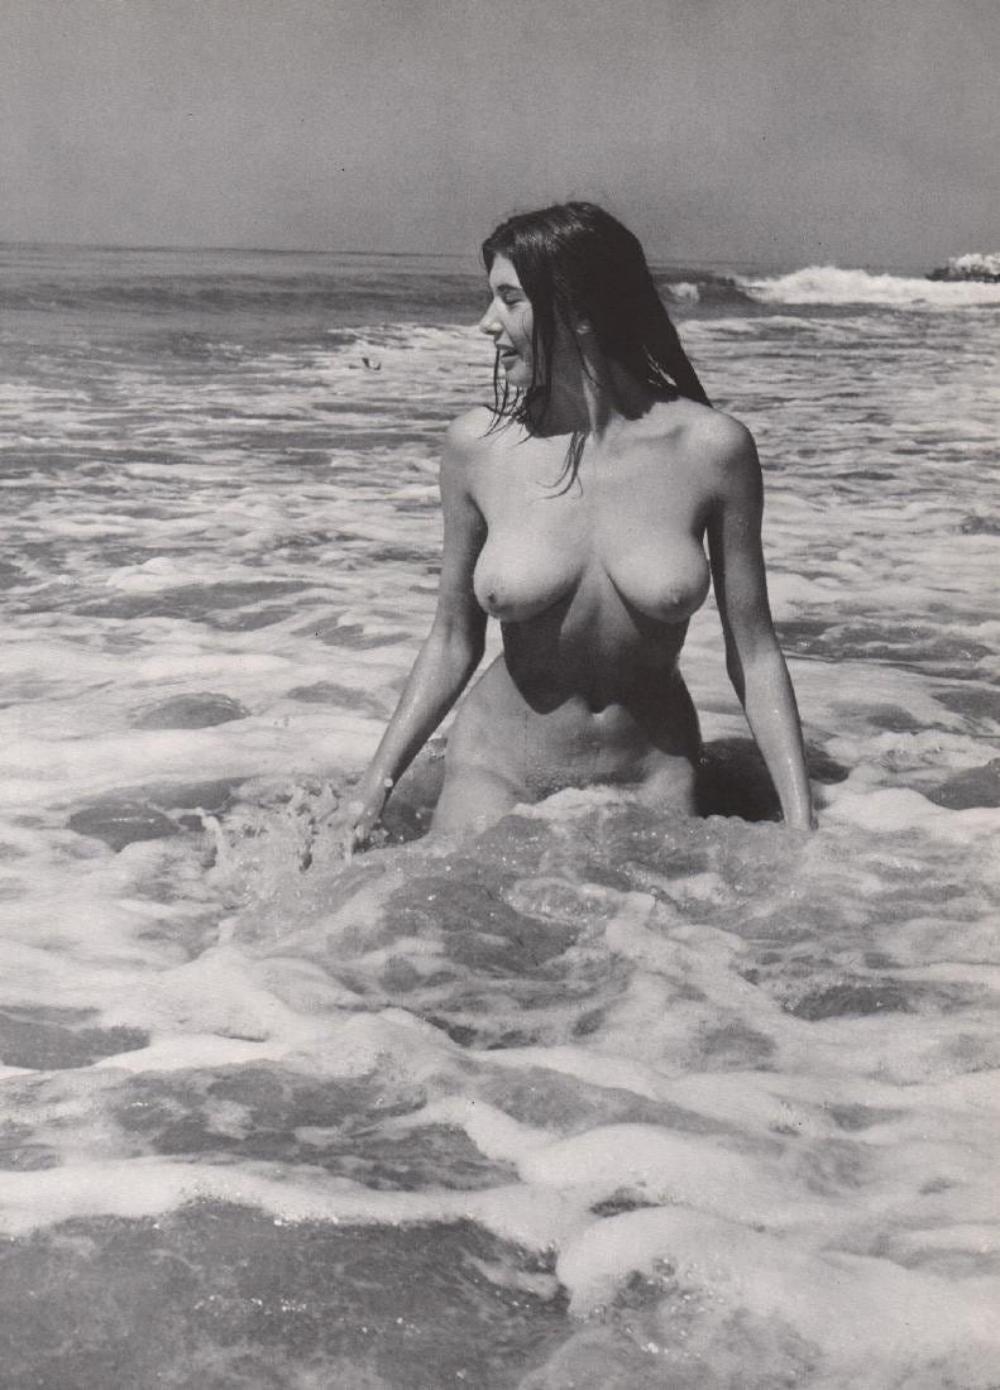 ANDRE DE DIENES, NUMBER 73, 1960S